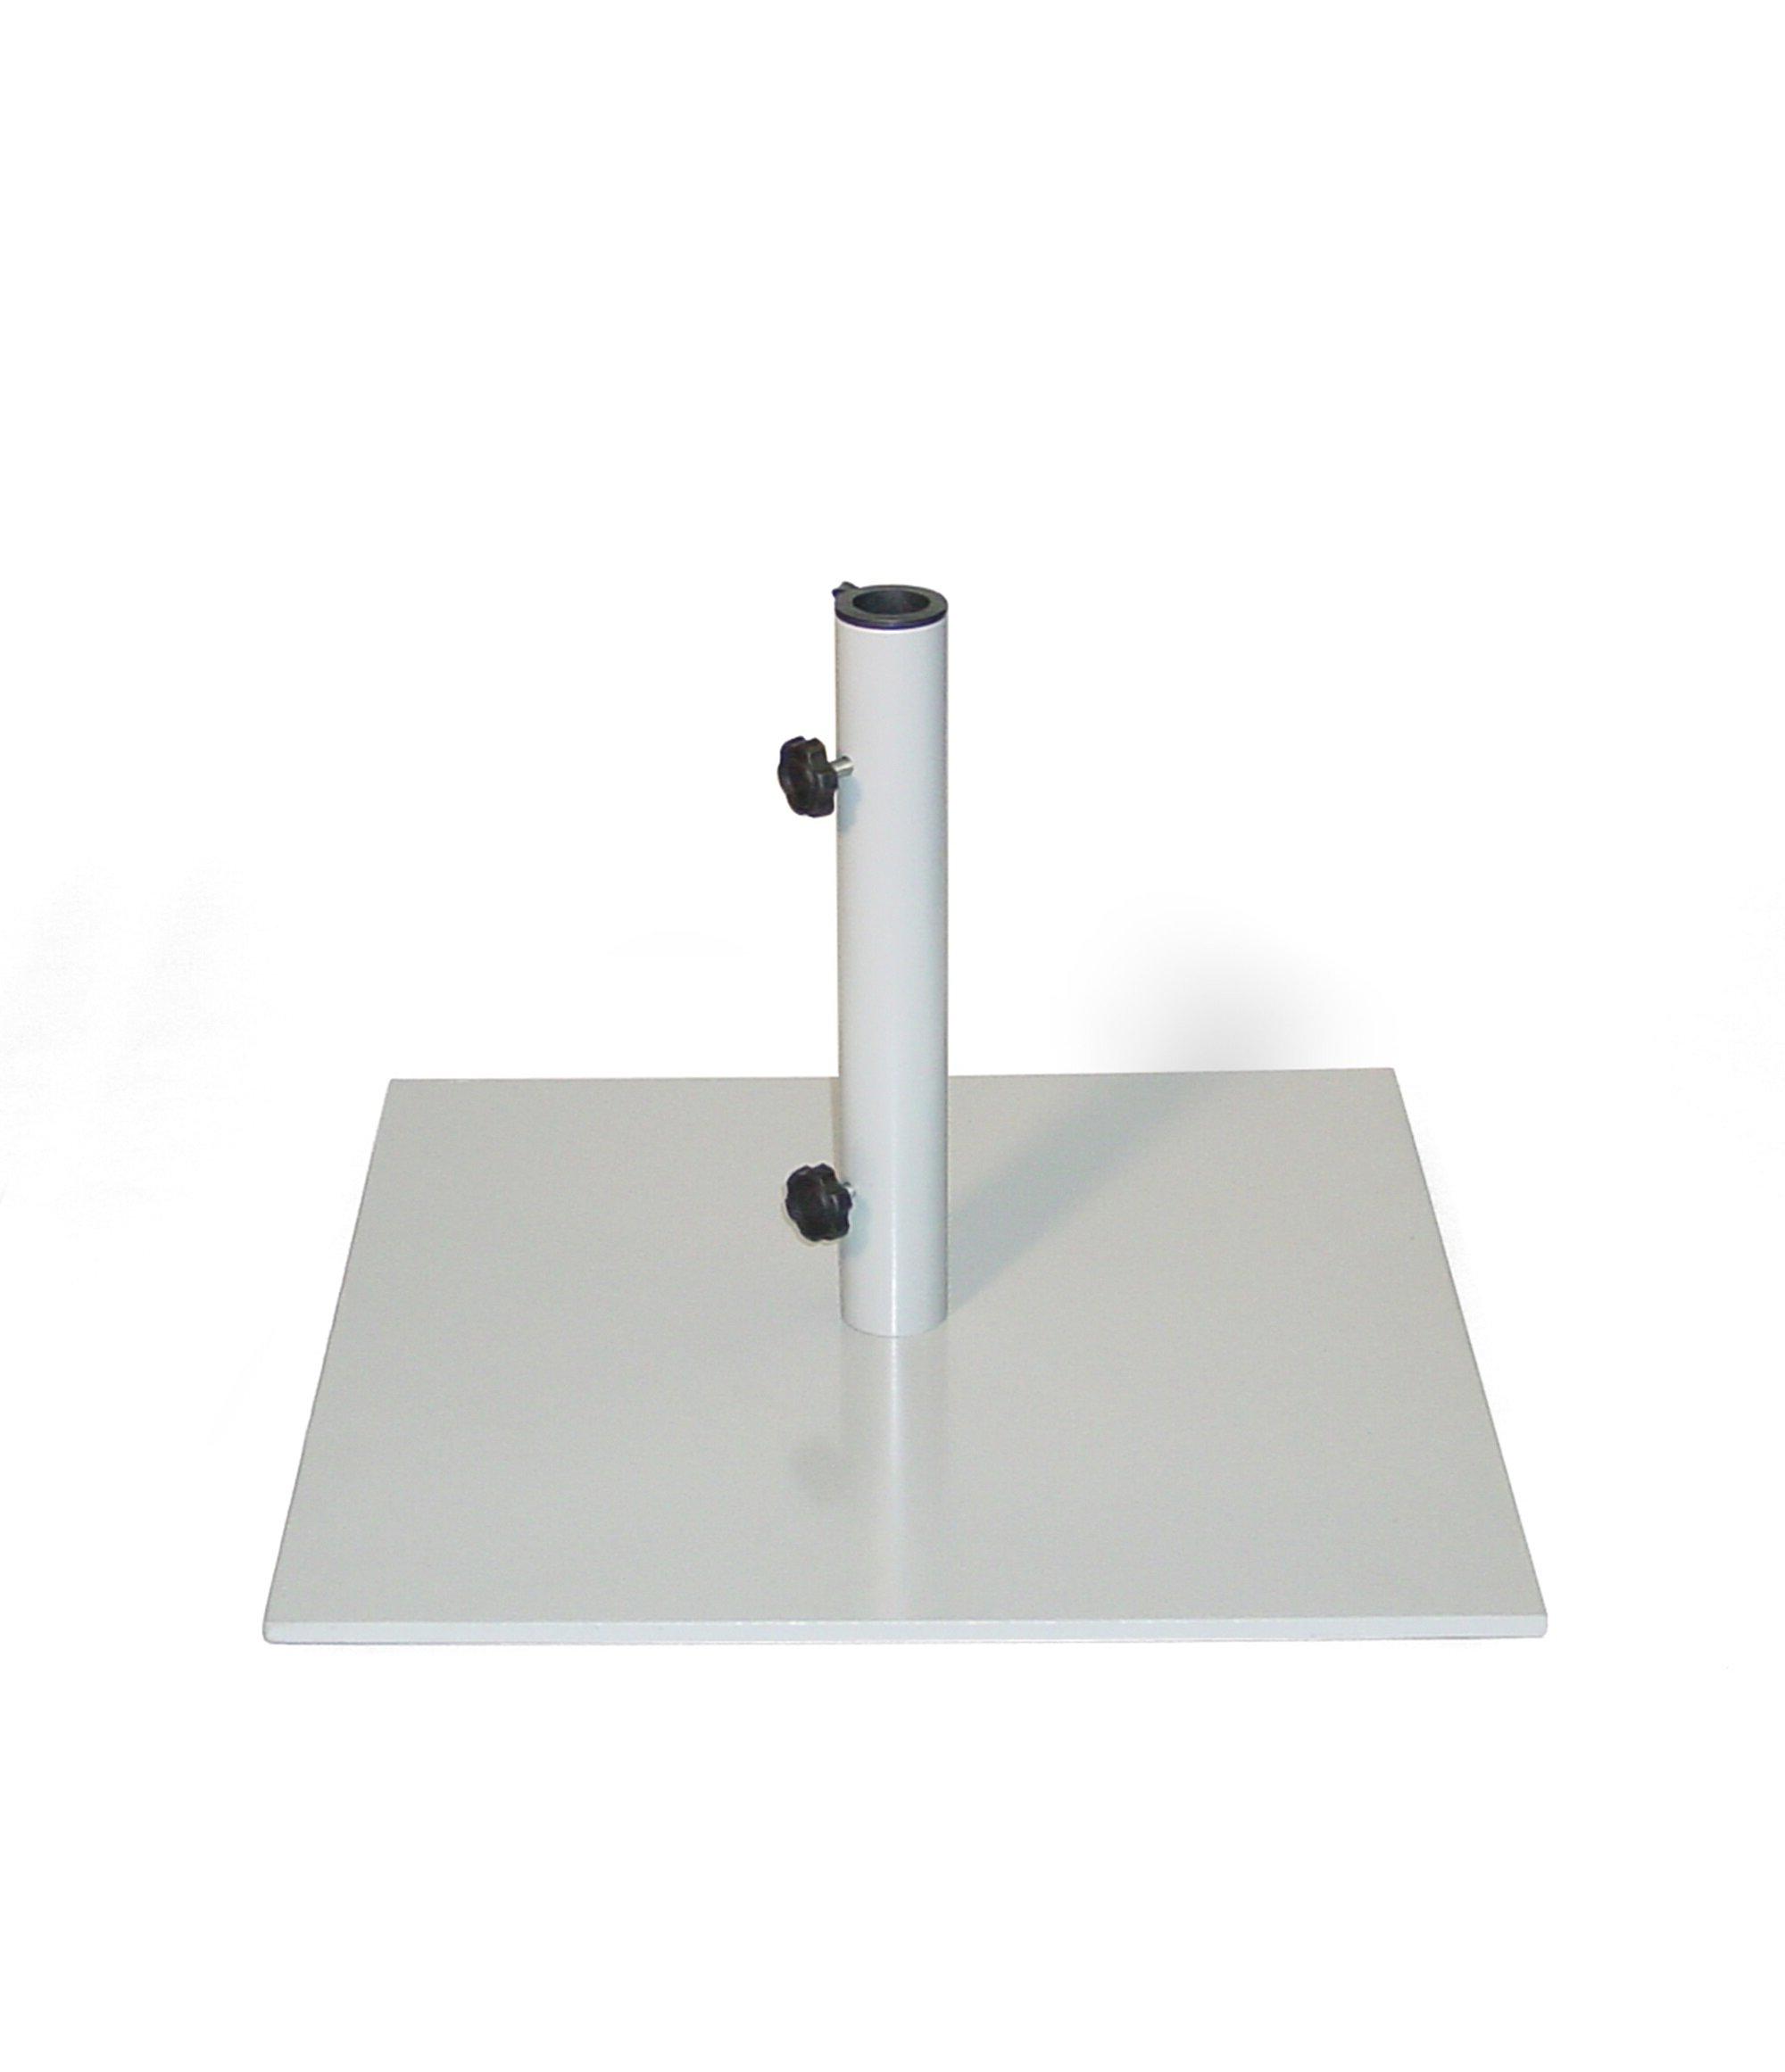 Zeman Steel Free Standing Base Pertaining To Current Zeman Market Umbrellas (View 8 of 20)